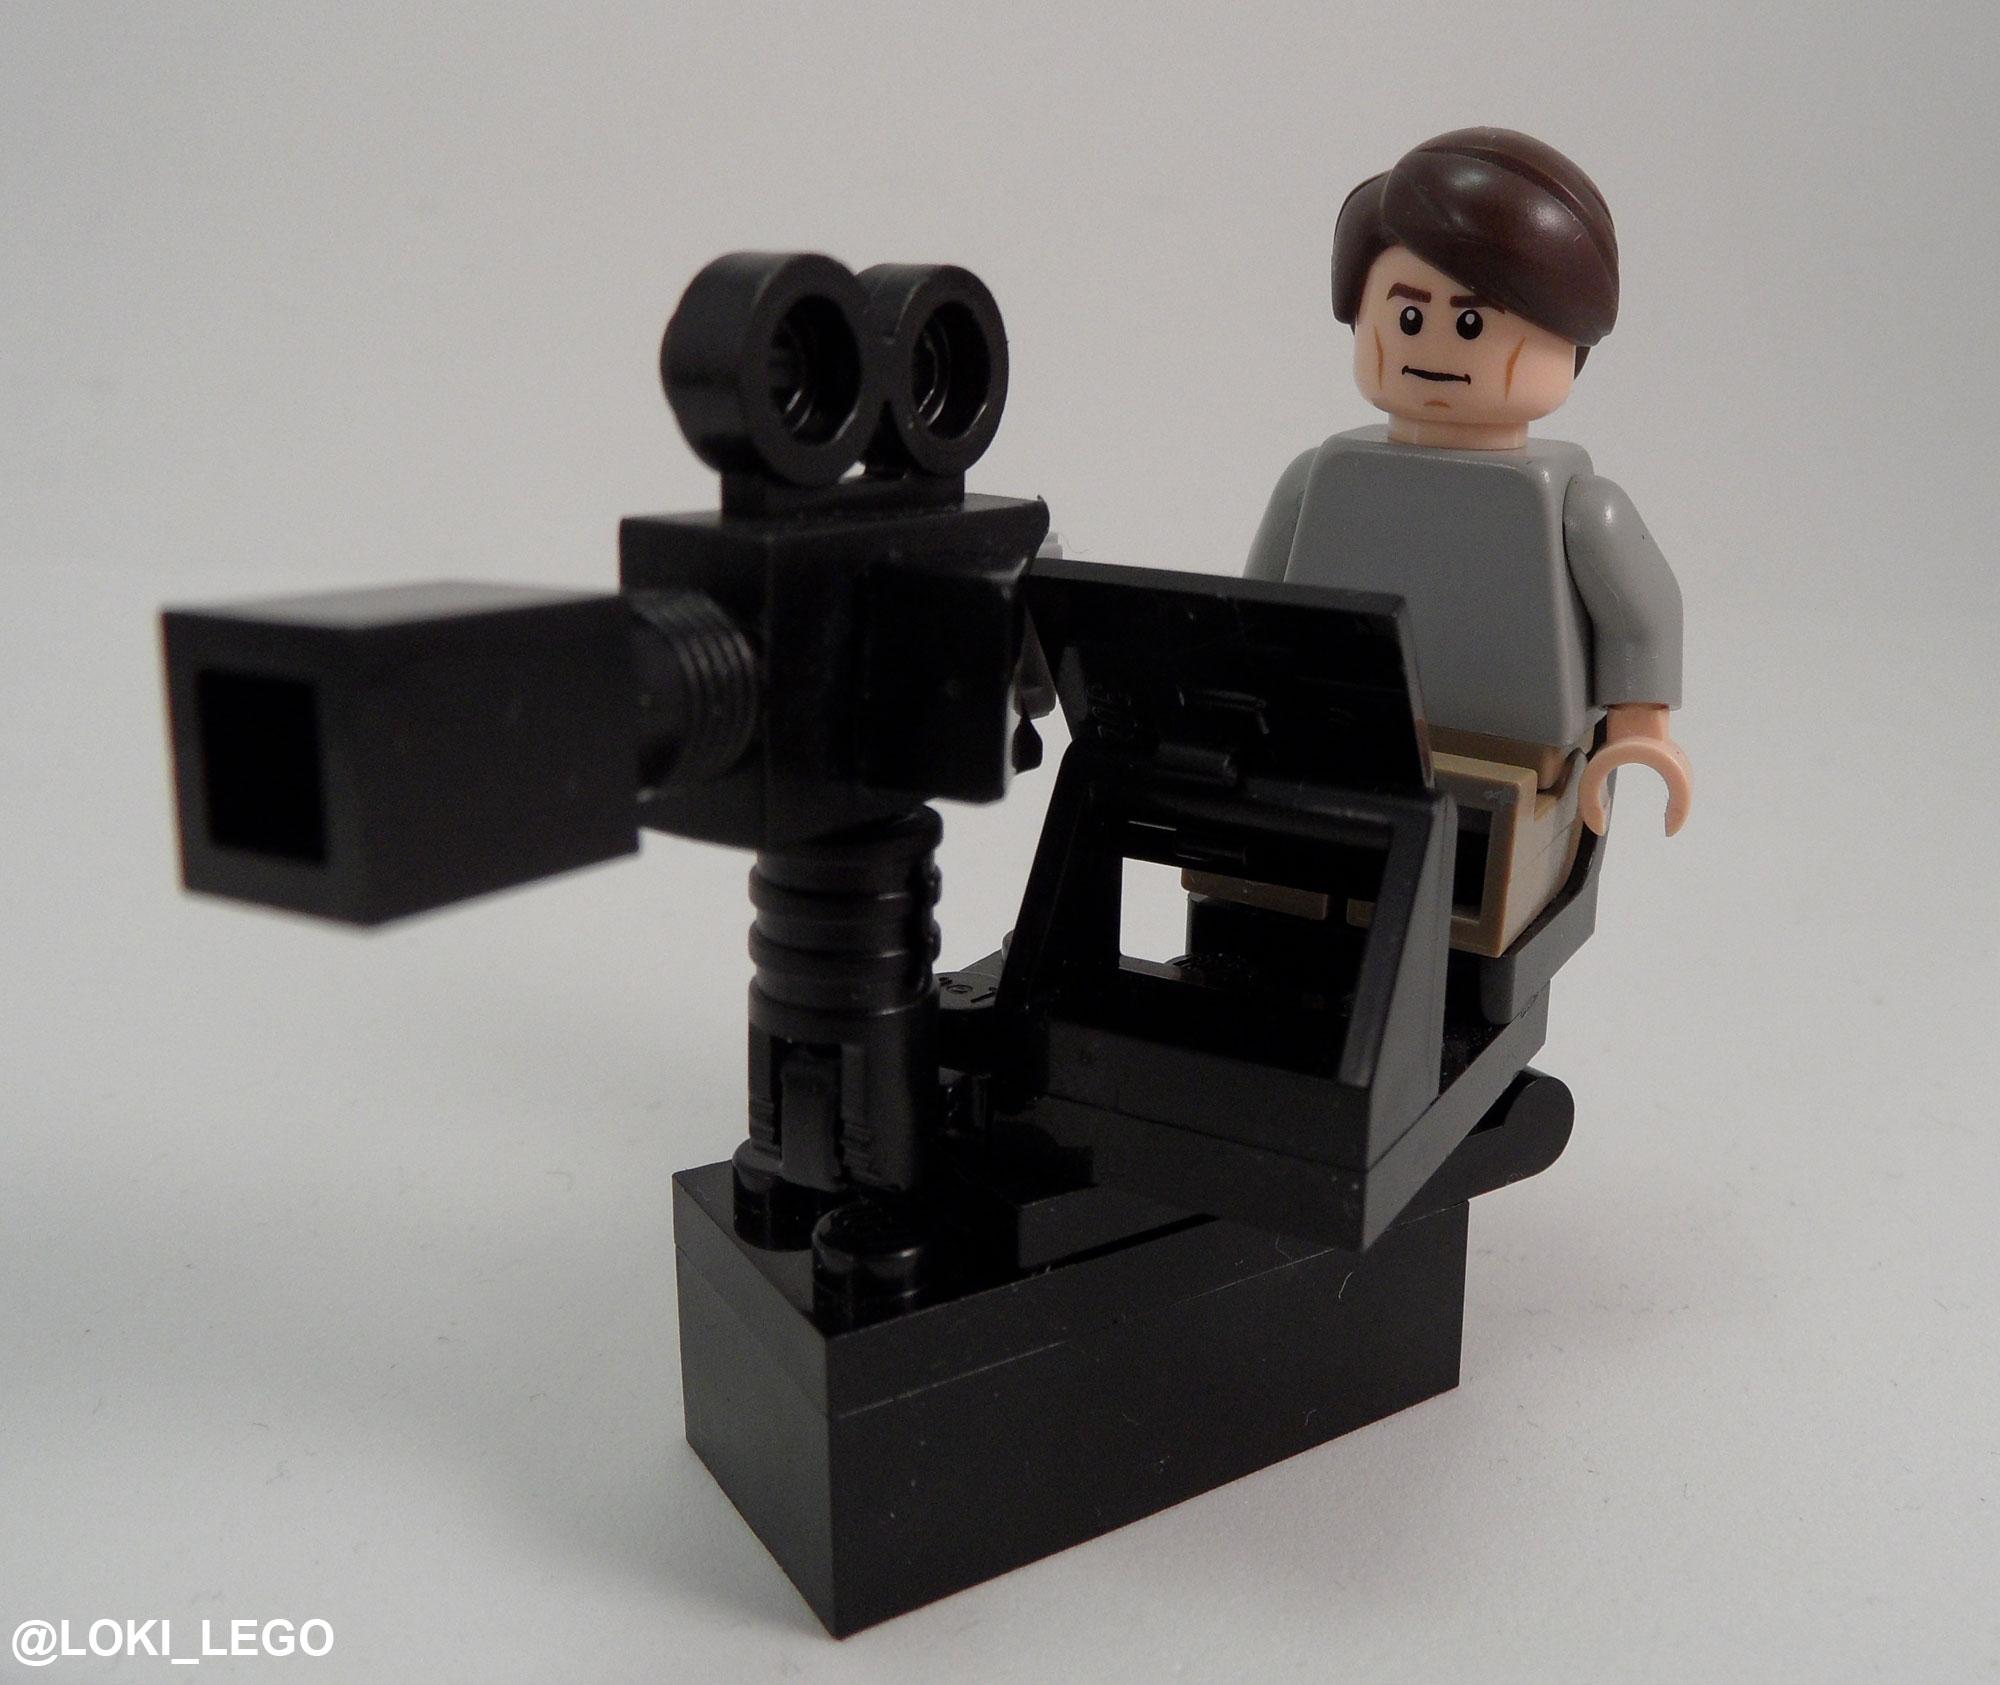 thor-ragnarok-lego-set-5